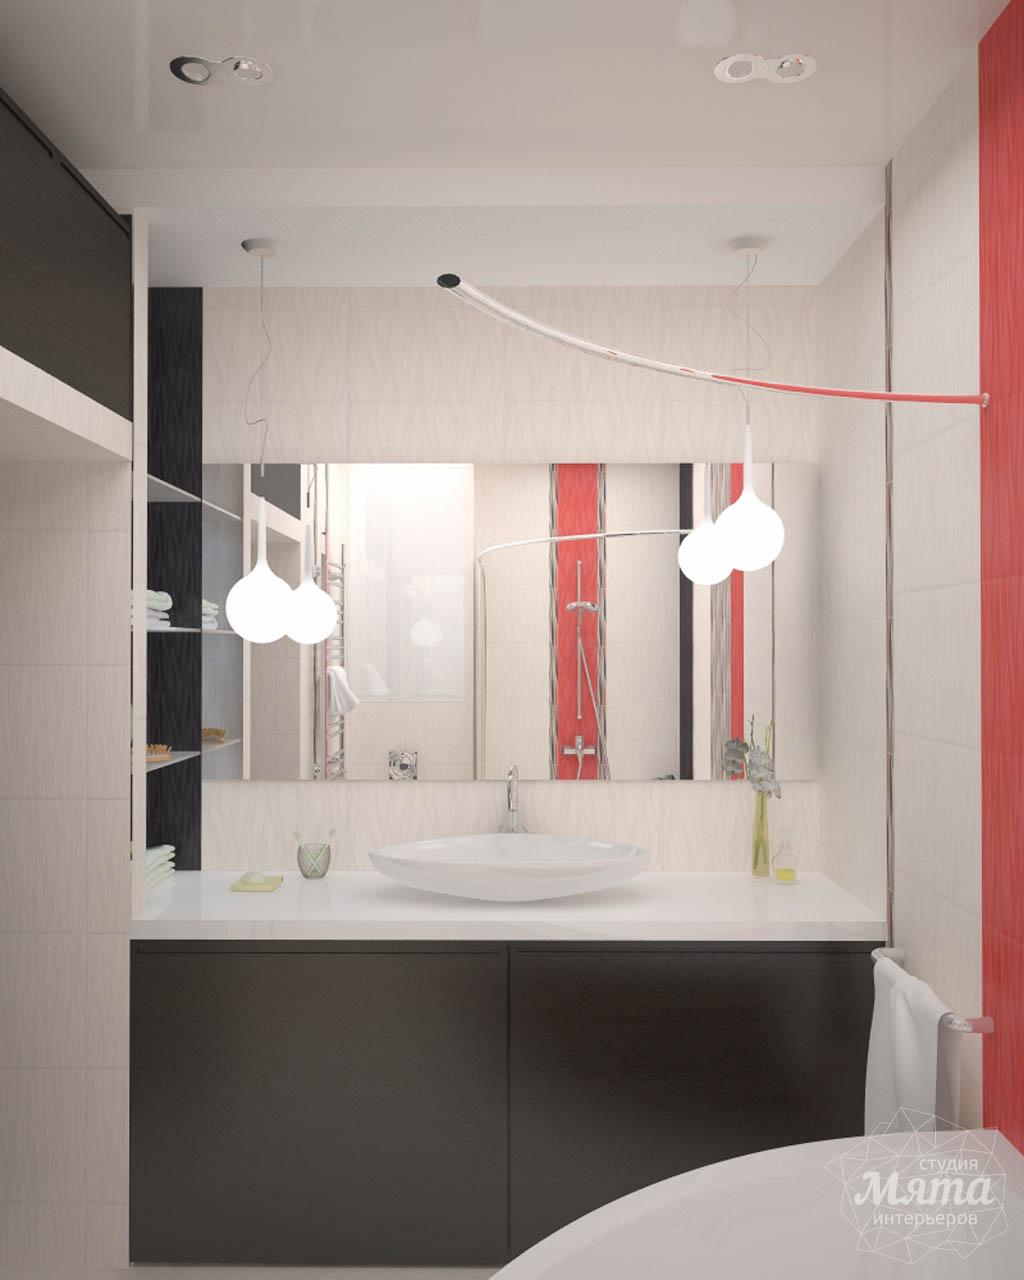 Дизайн интерьера и ремонт трехкомнатной квартиры по ул. Попова 33а img278190444